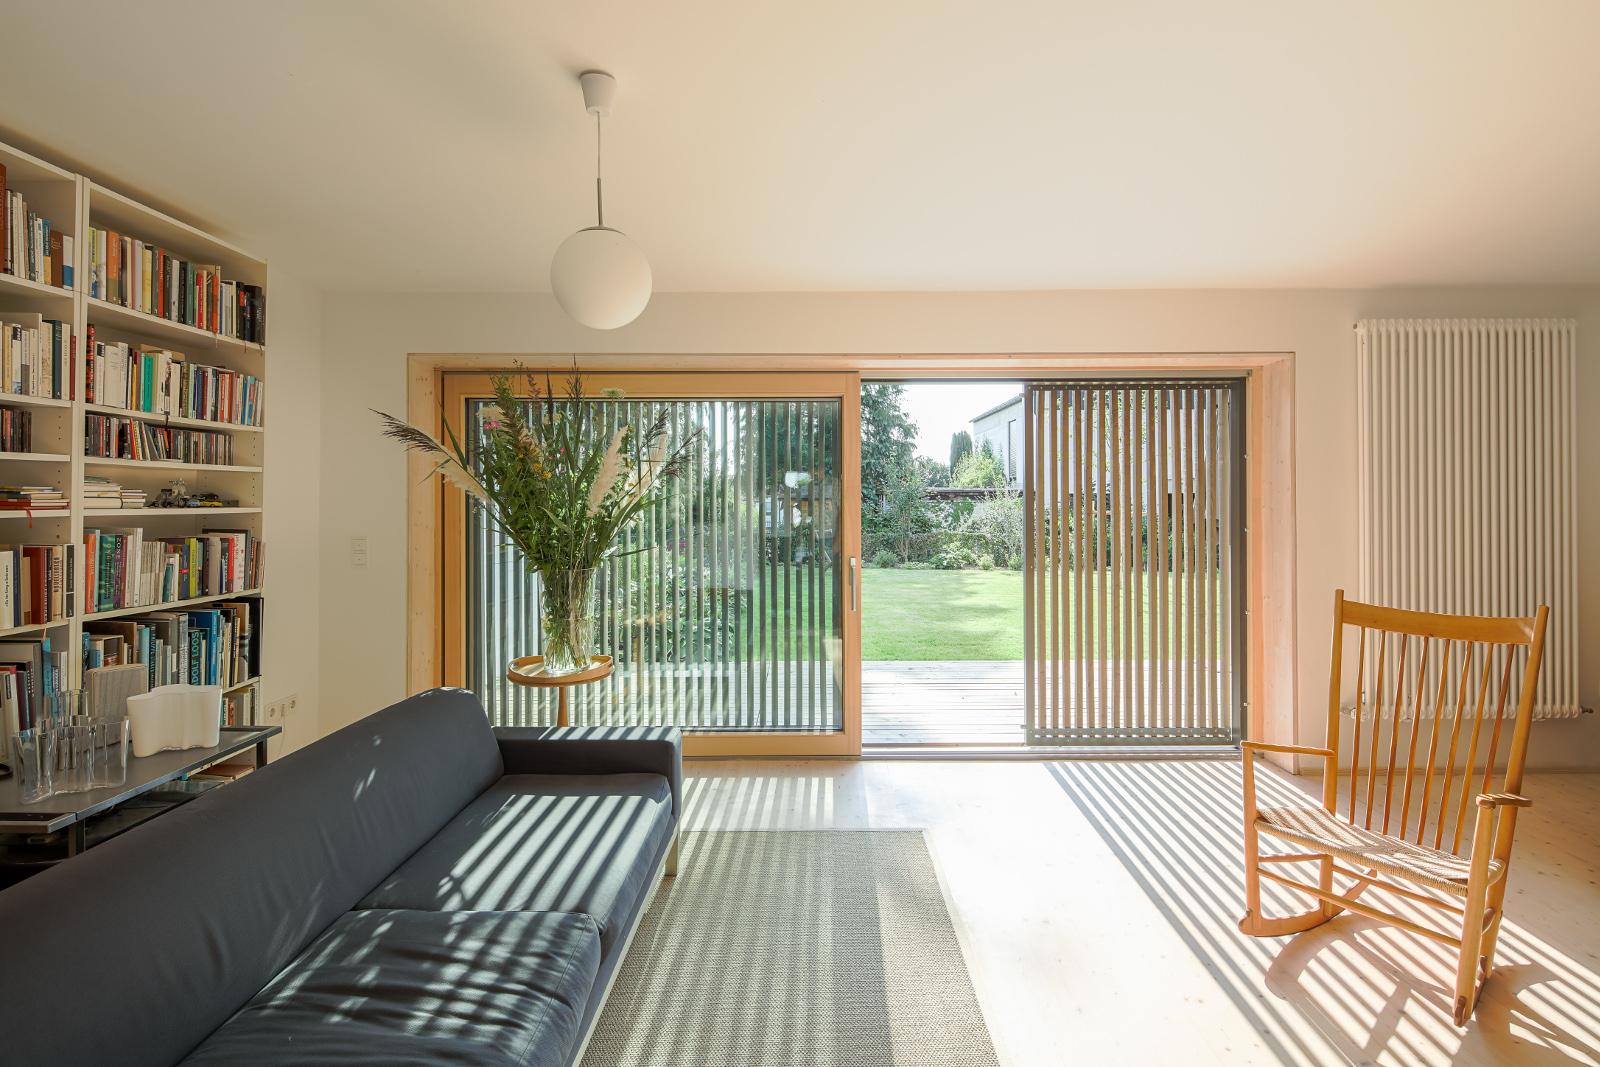 Wohnraum mit Blick in Garten